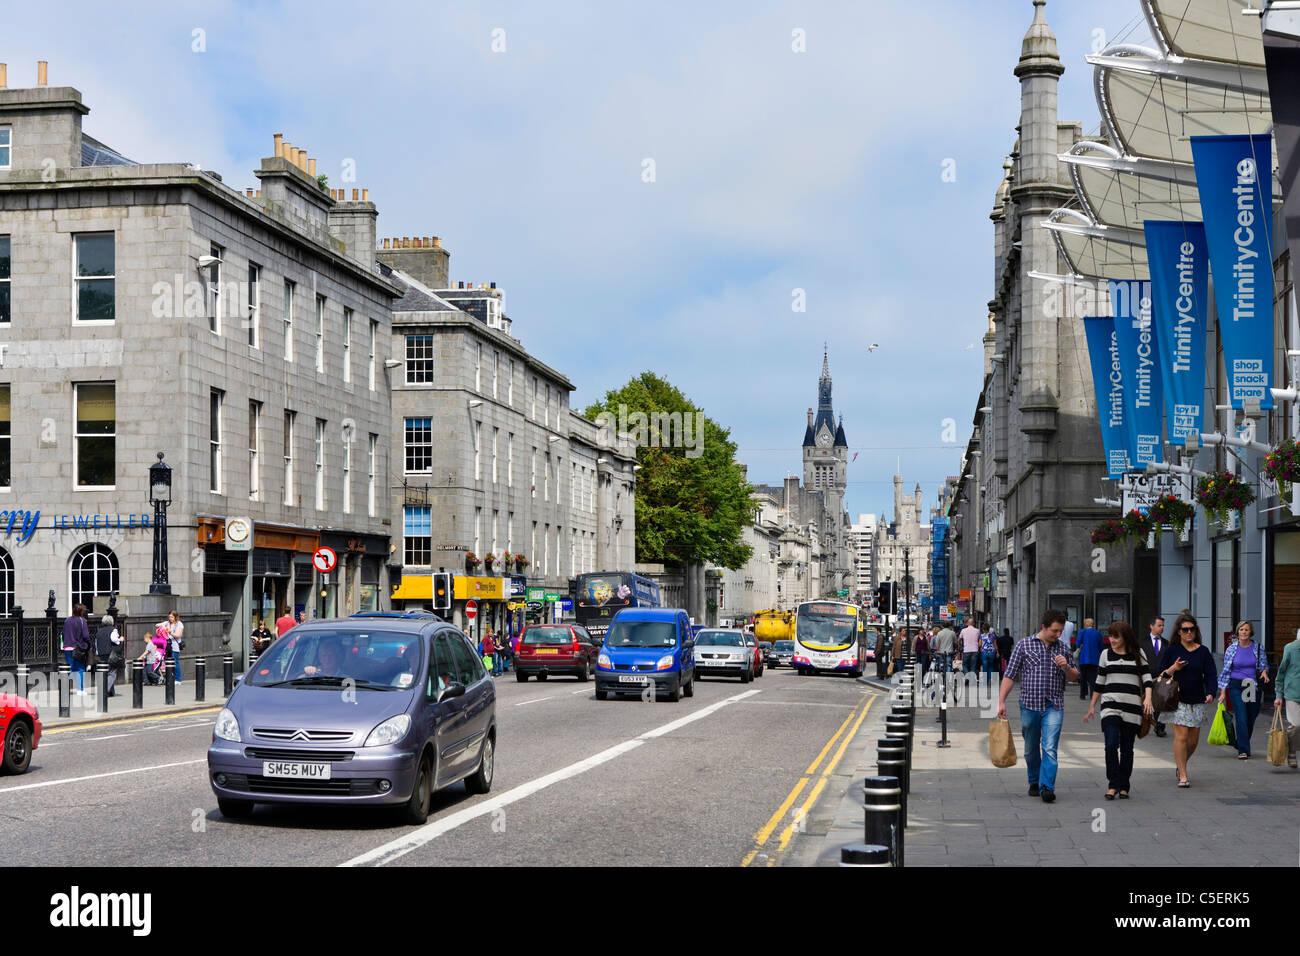 Tiendas de Union Street, en el centro de la ciudad de Aberdeen, Escocia, Reino Unido Imagen De Stock